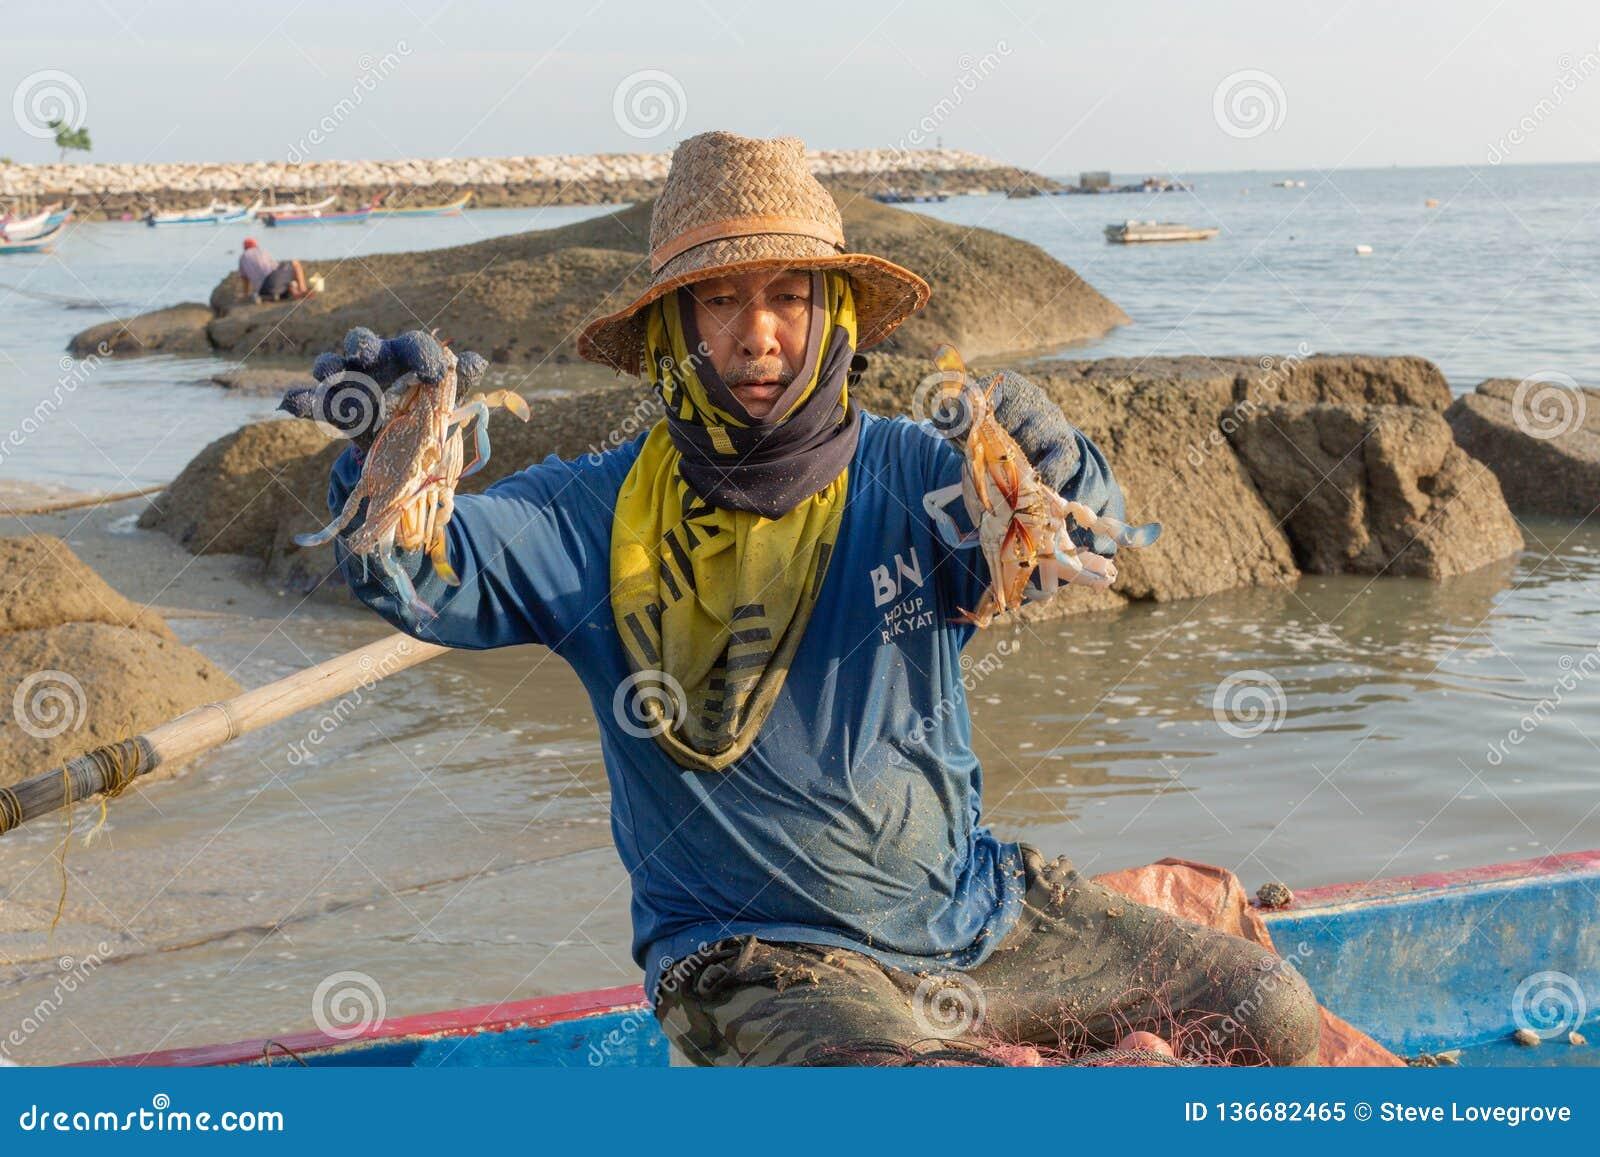 他的渔船的地方渔夫,排序螃蟹他的早晨抓住